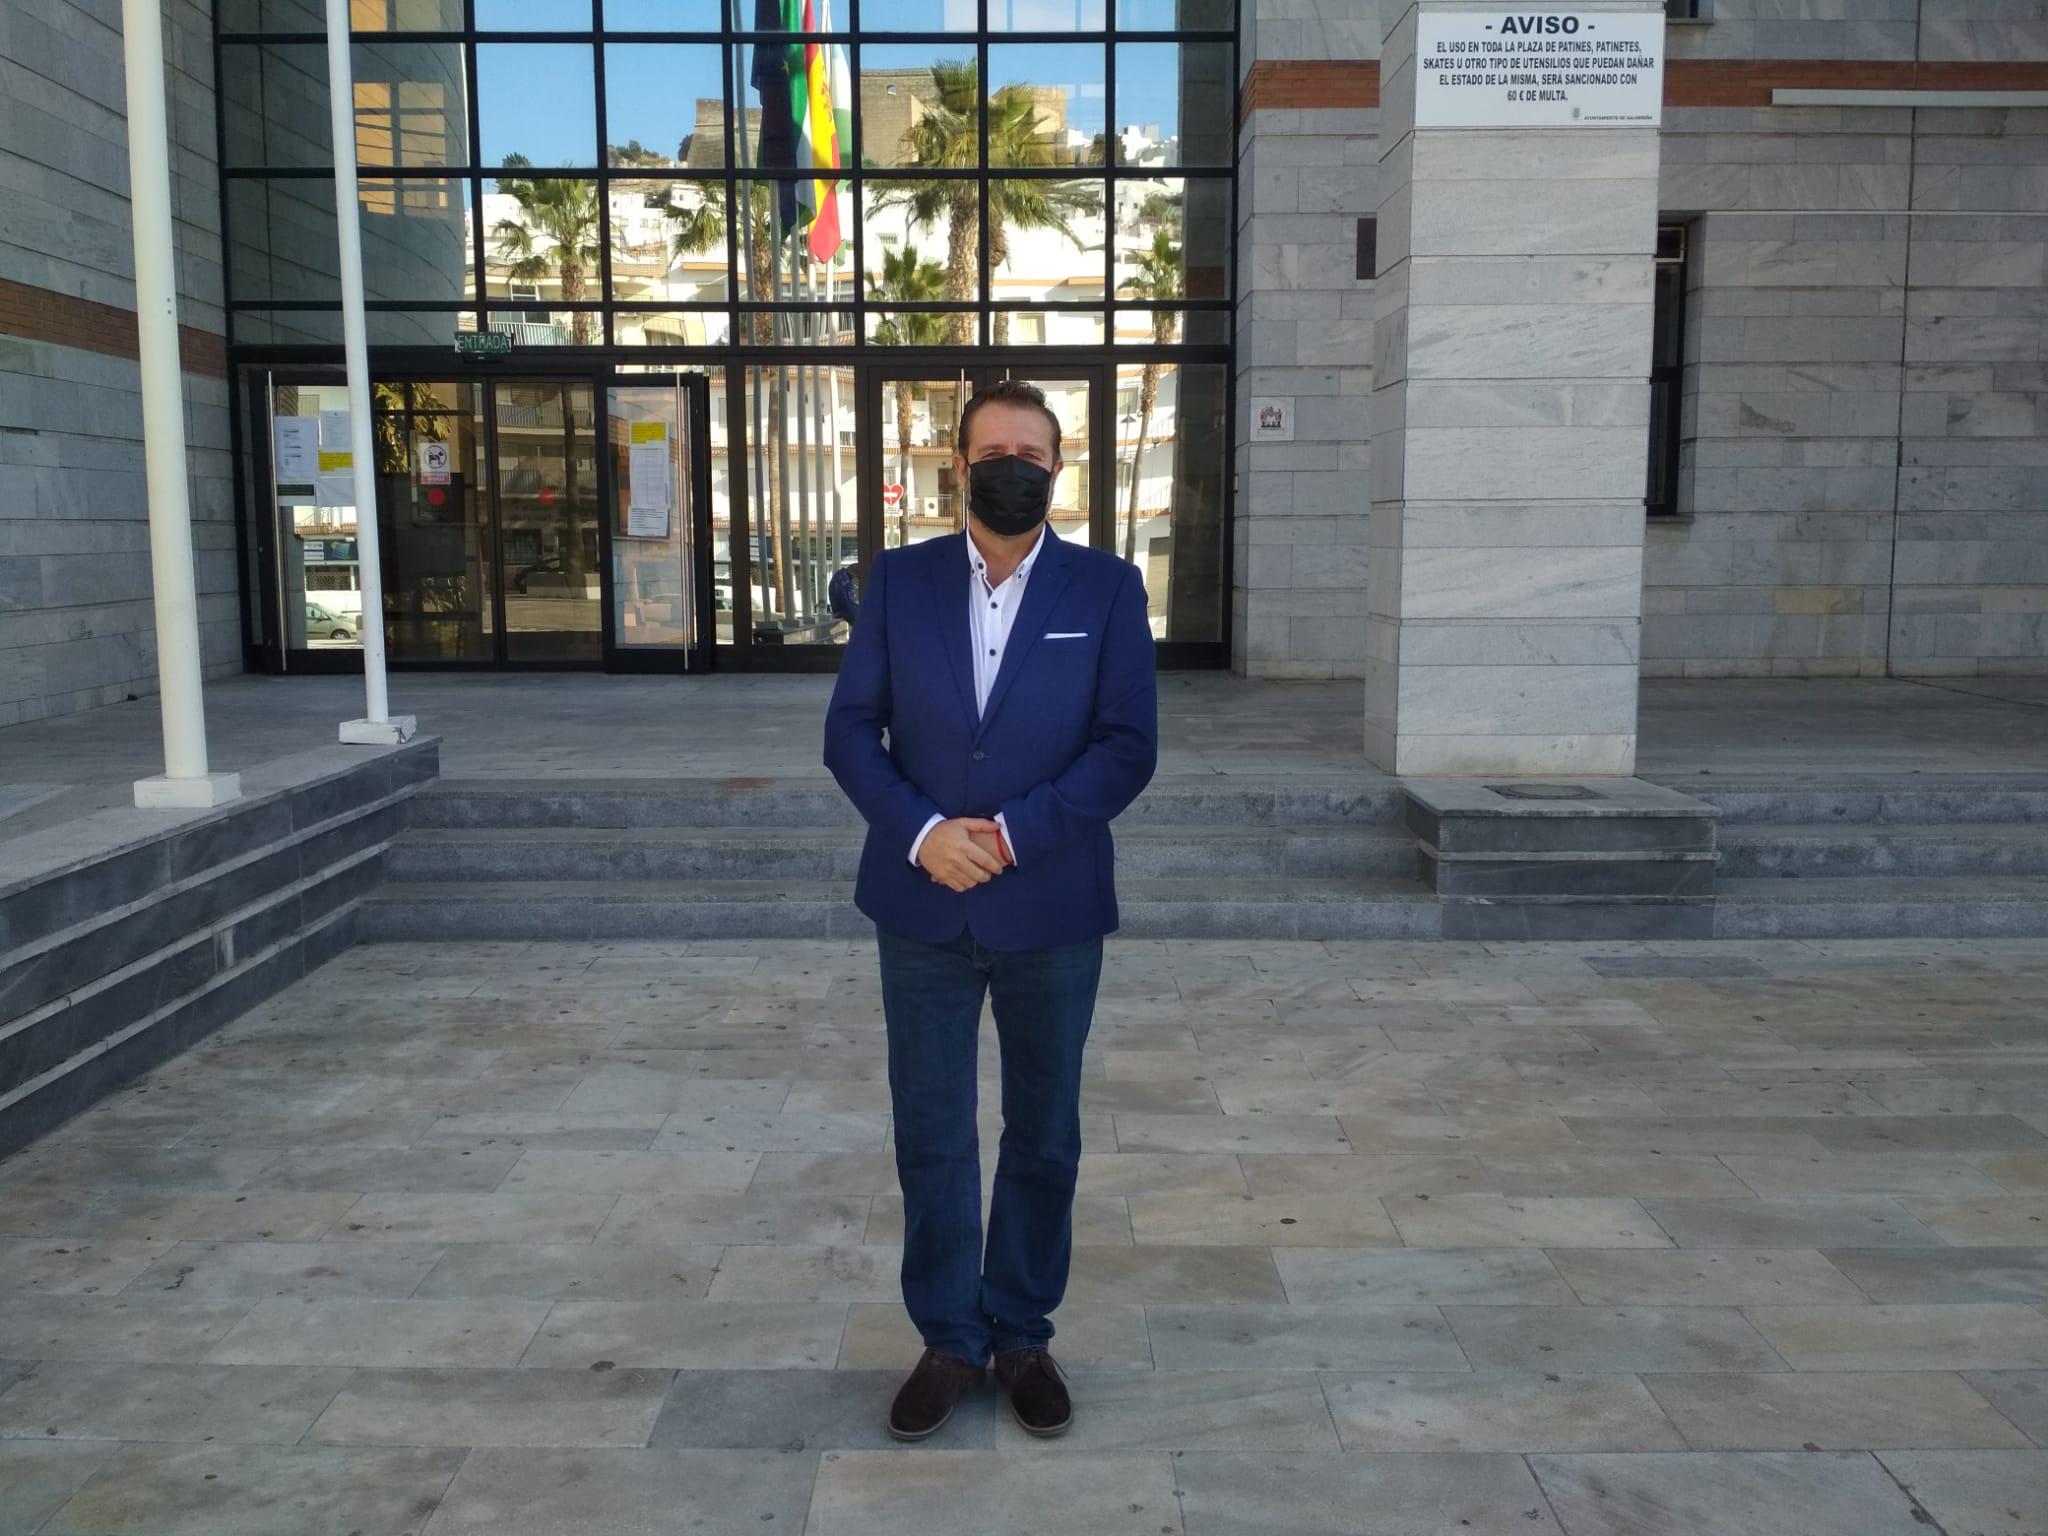 Ciudadanos pide suspender las tasas en terrazas para reactivar la economía de Salobreña